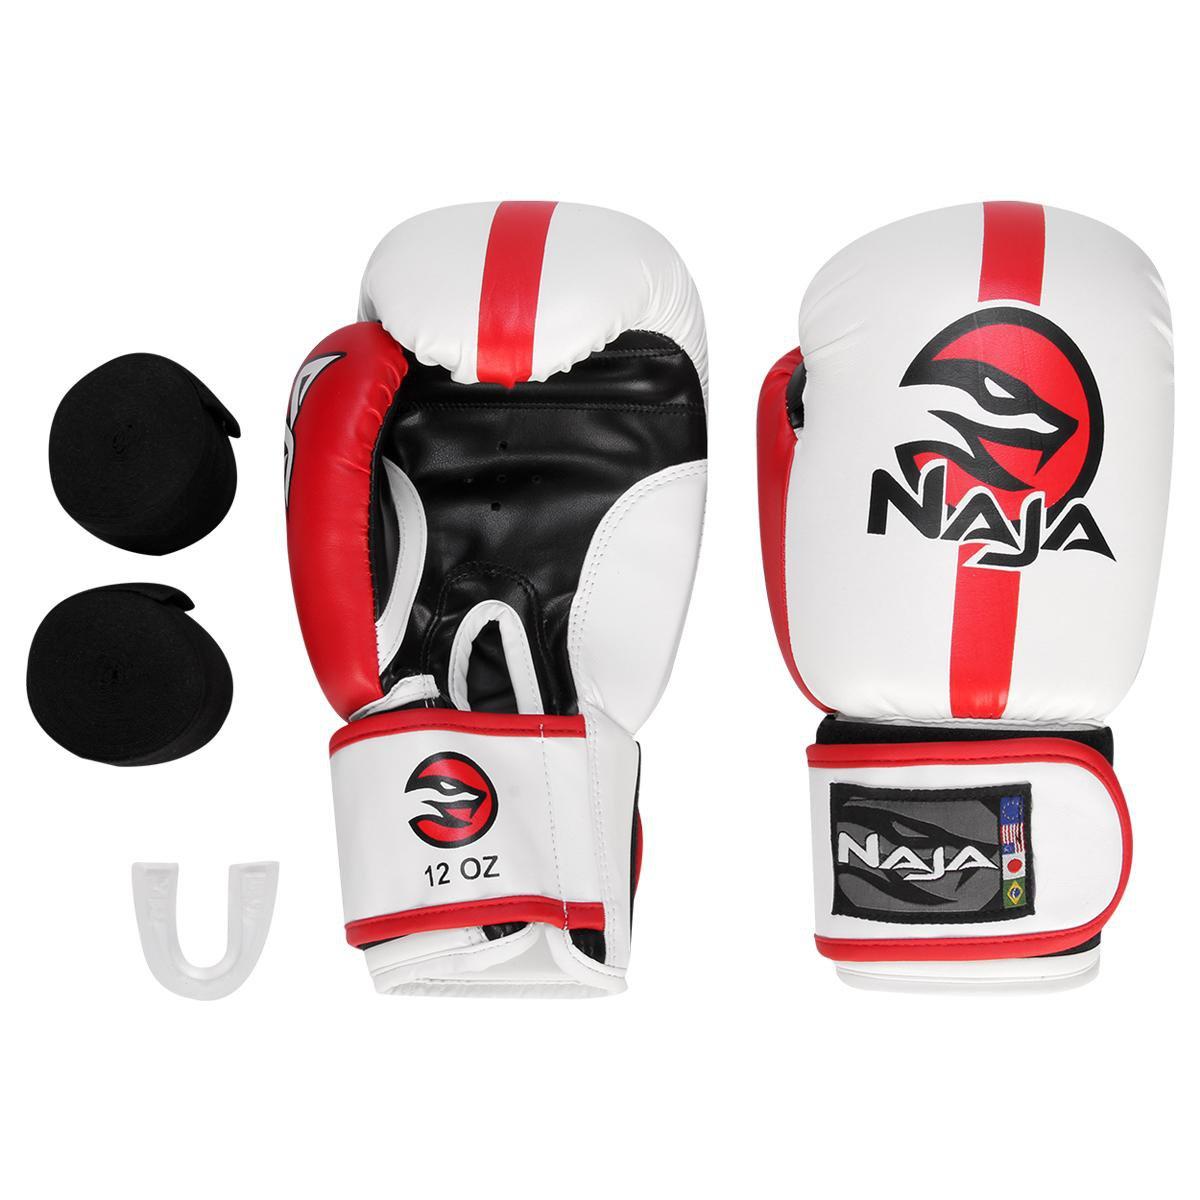 8d72418ab Kit Luva De Boxe Muay Thai Naja Classic 12 Oz + Bandagem + Protetor Bucal